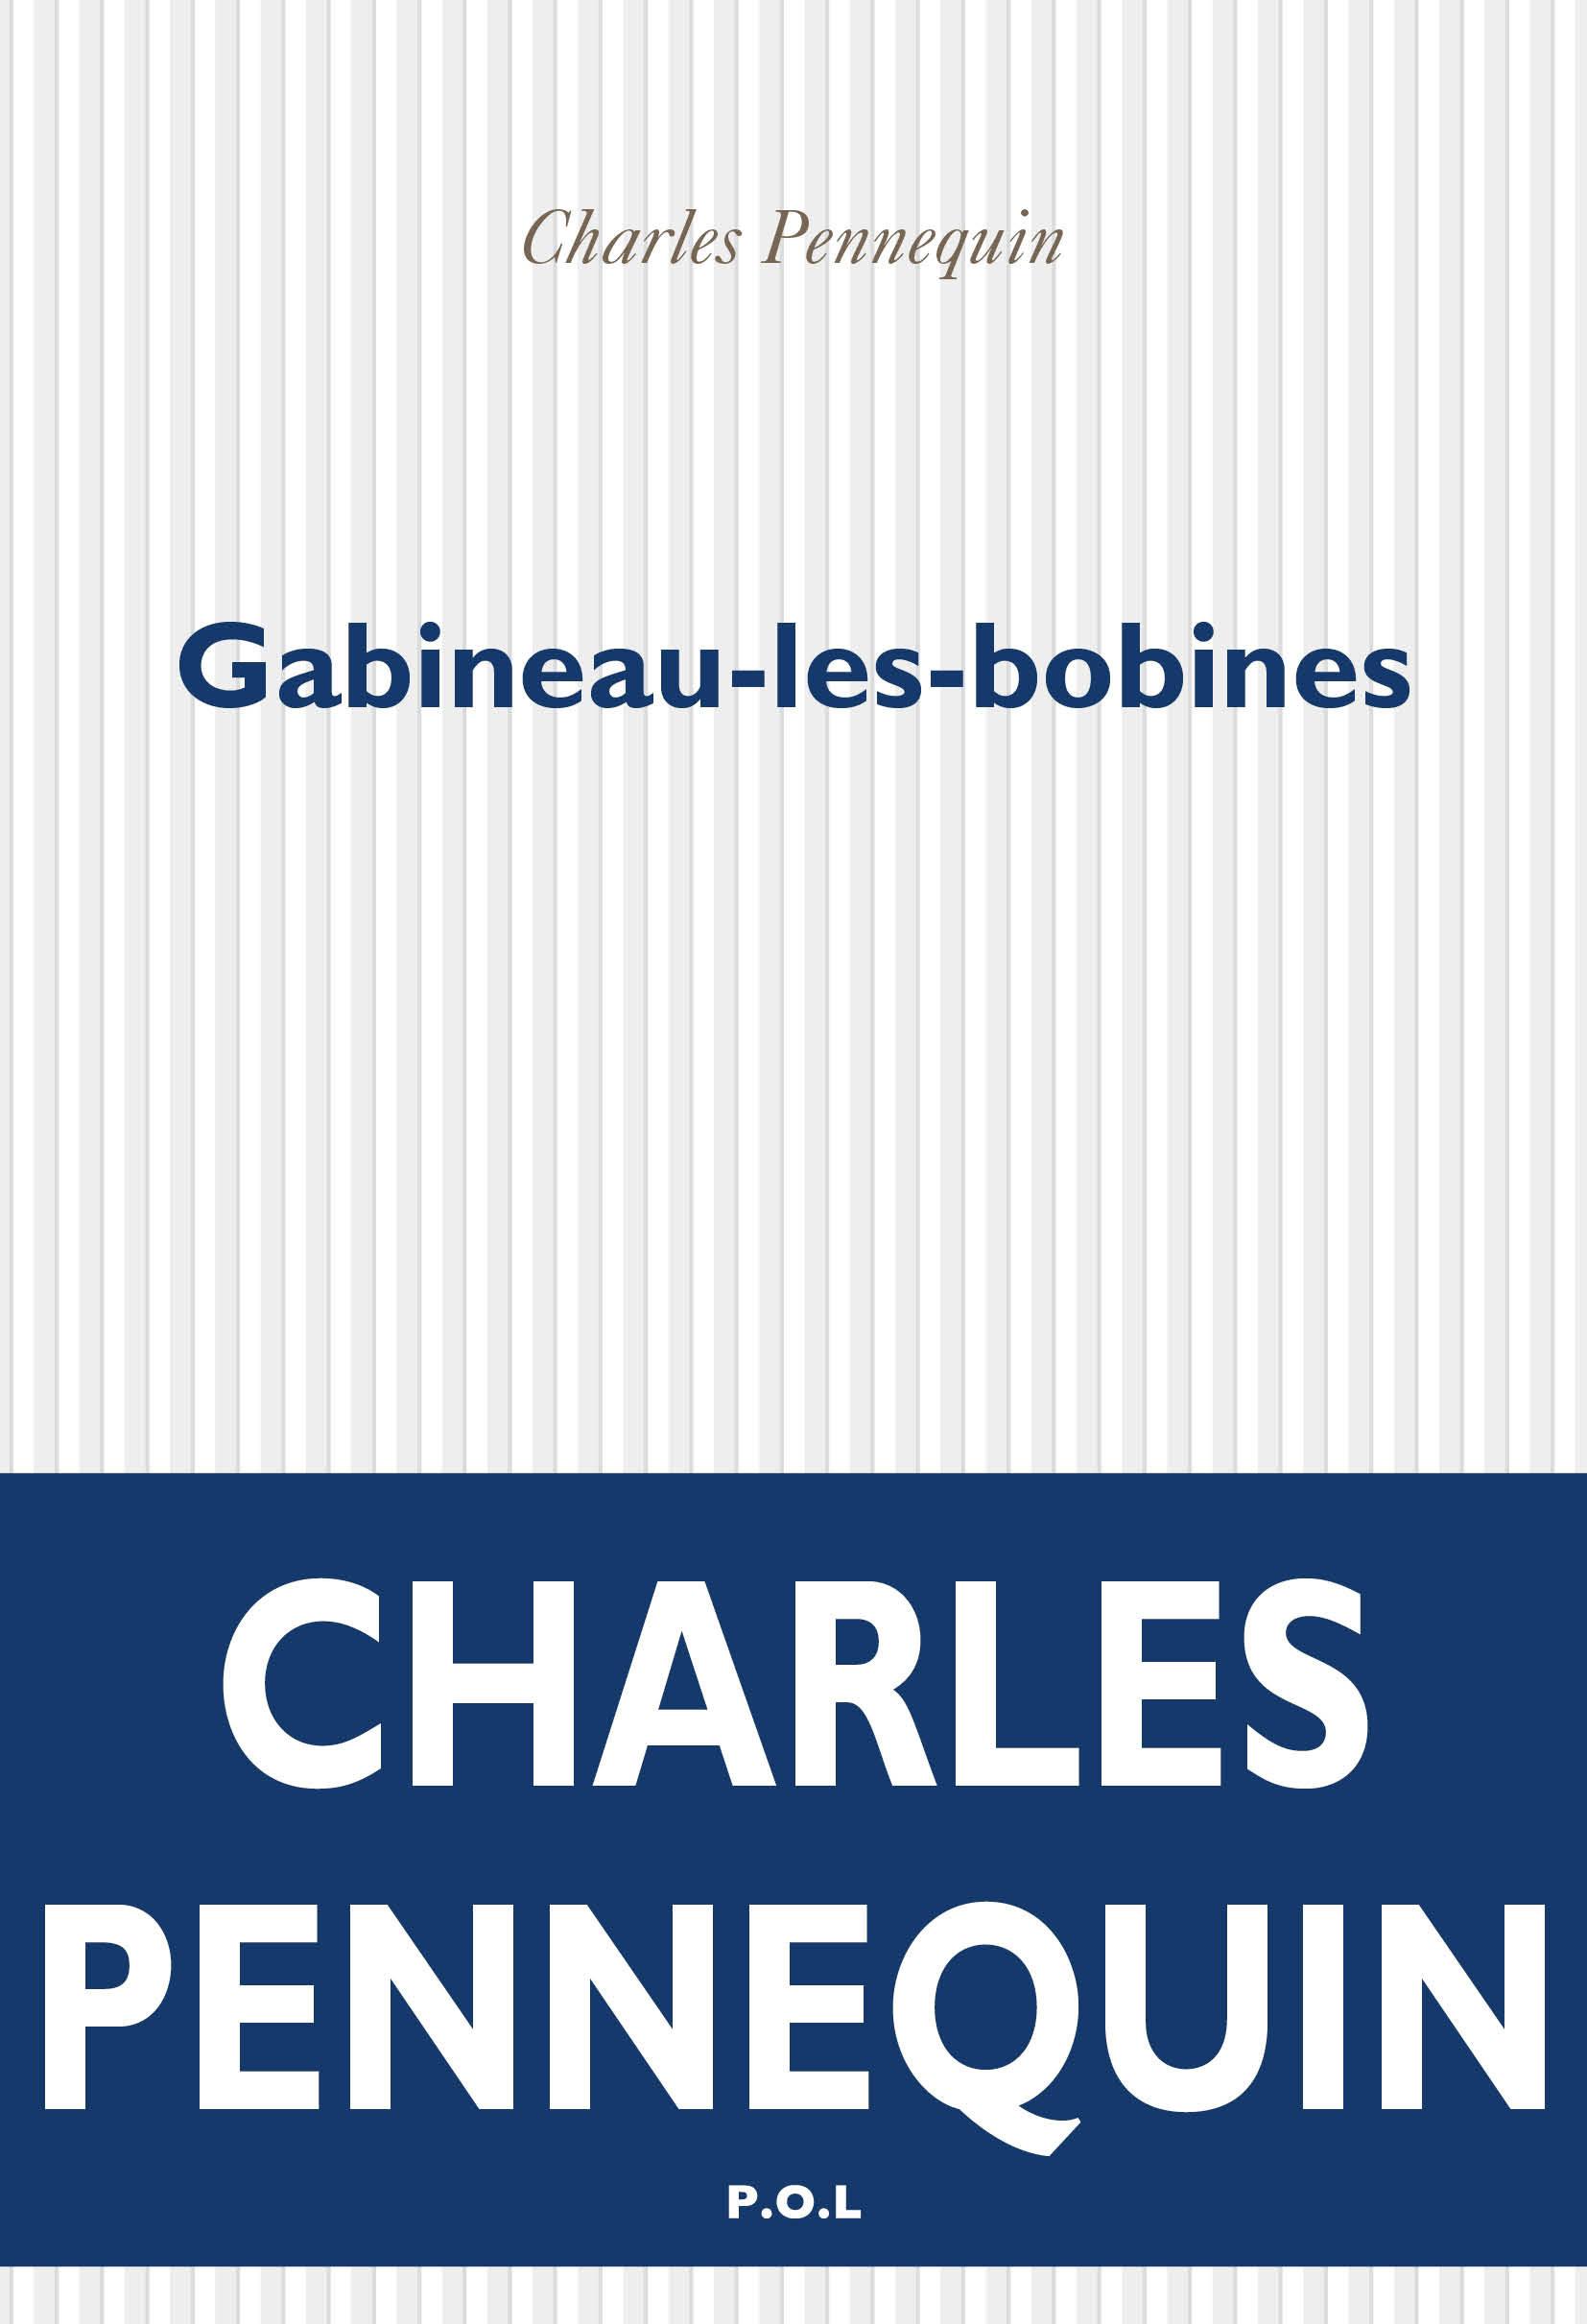 GABINEAU-LES-BOBINES